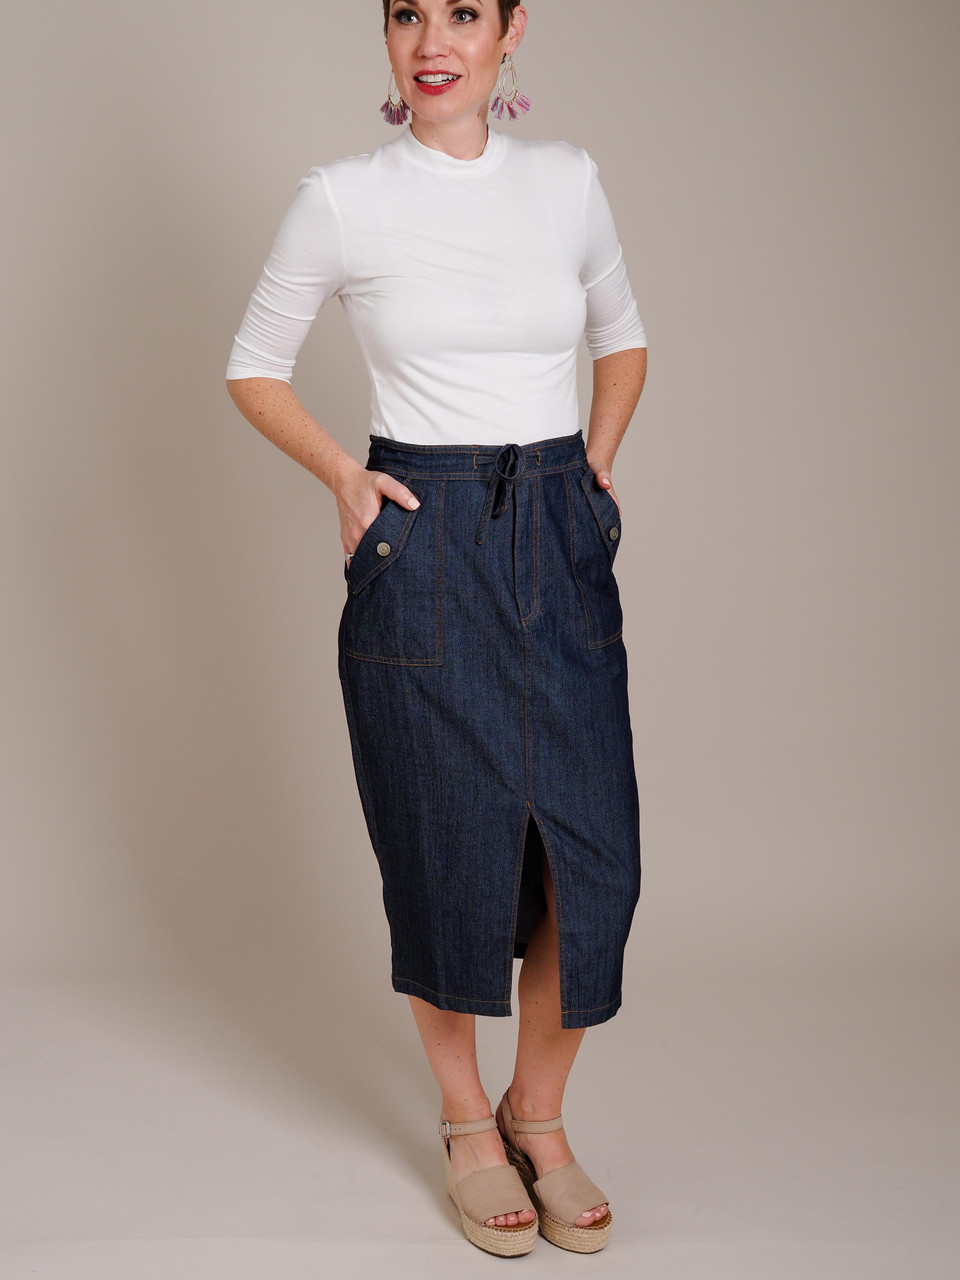 blue denim skirt with slit